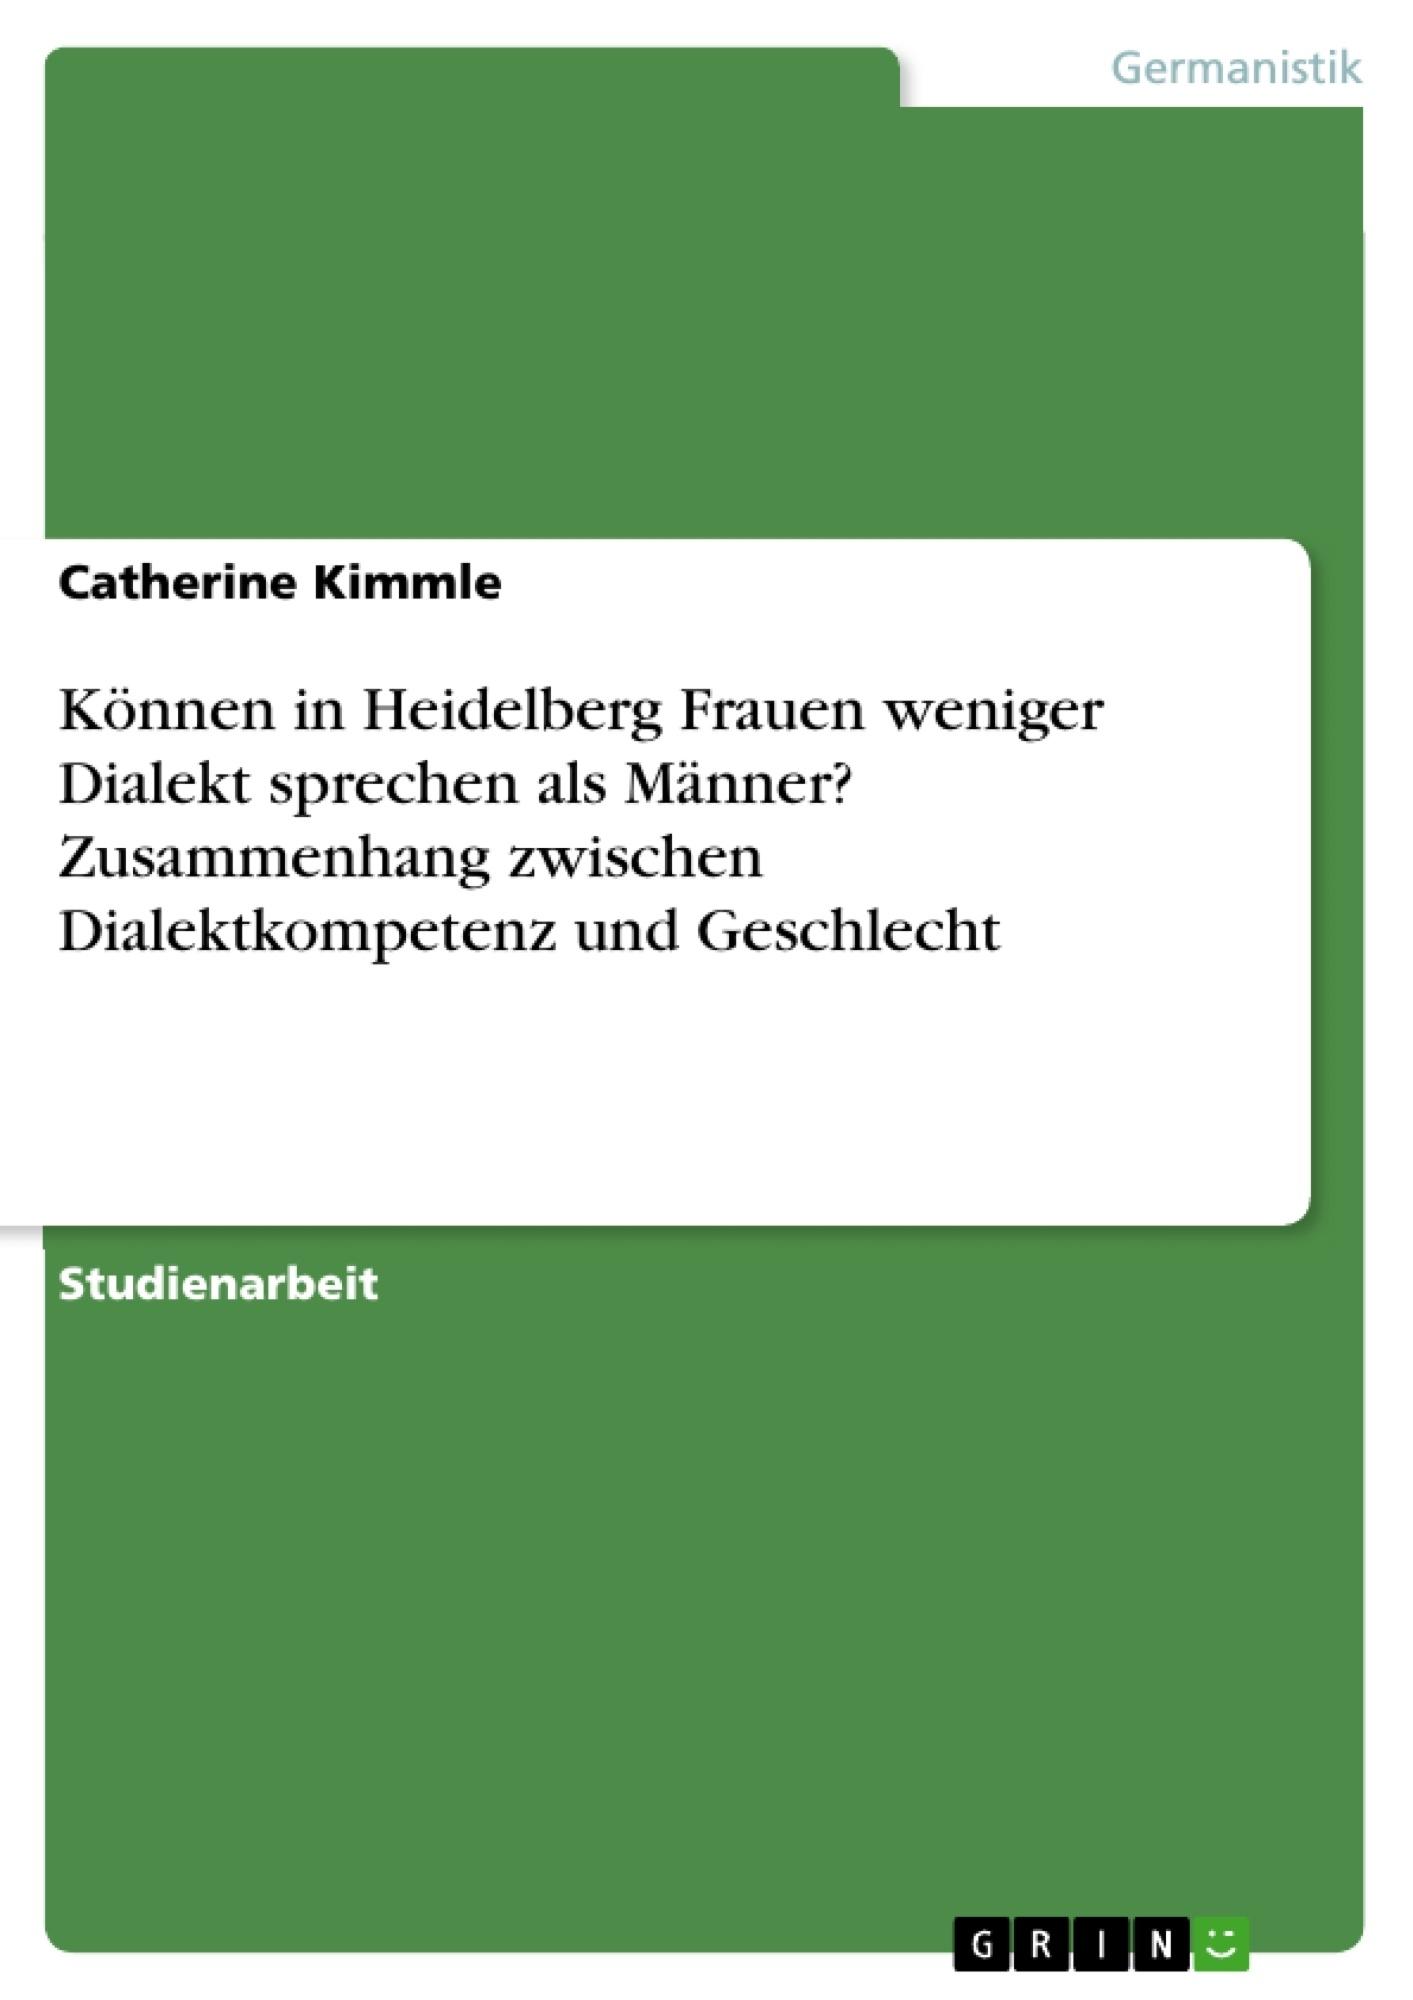 Titel: Können in Heidelberg Frauen weniger Dialekt sprechen als Männer? Zusammenhang zwischen Dialektkompetenz und Geschlecht